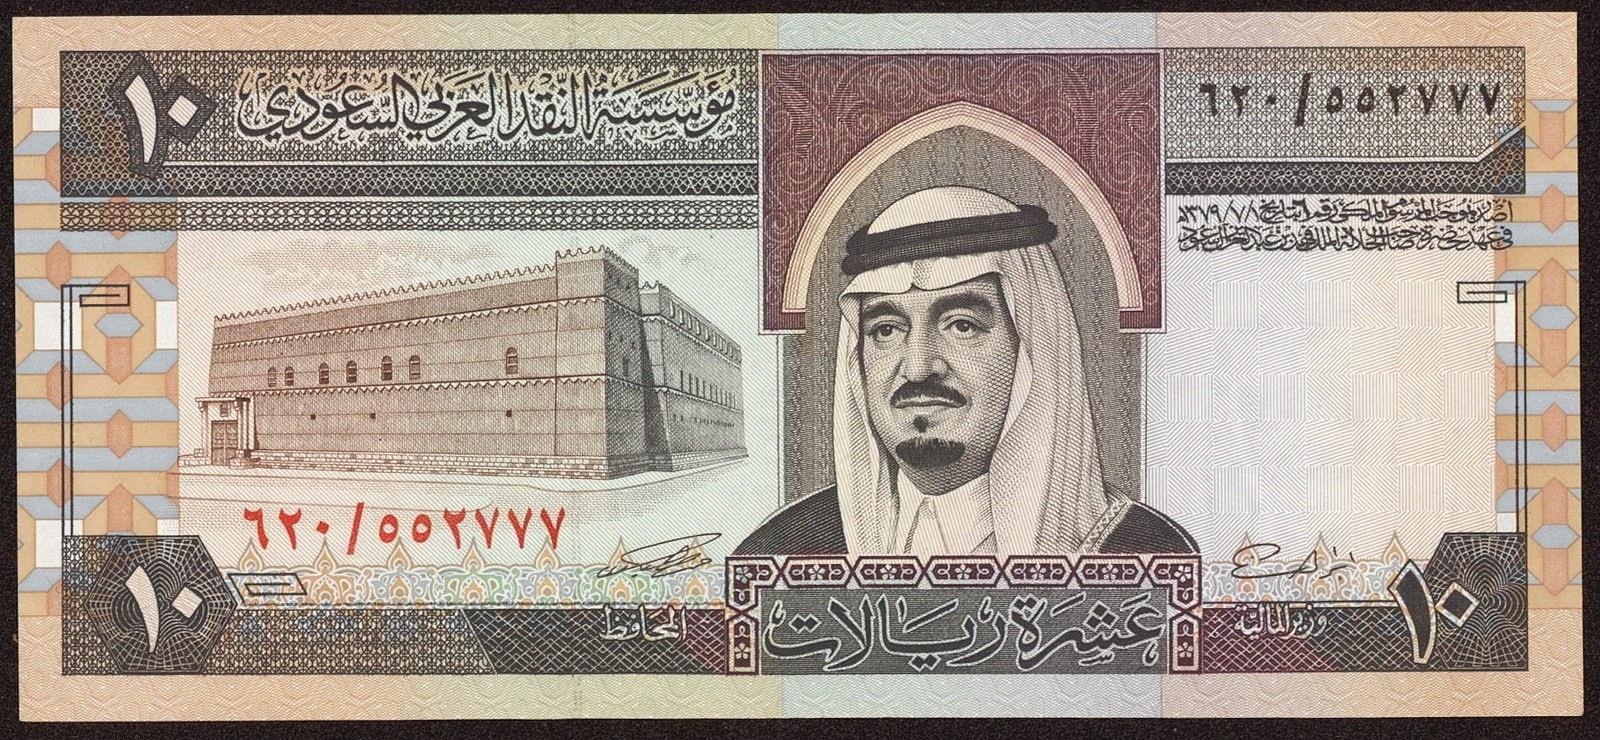 Saudi Arabia banknotes 10 Riyals Note 1983 King Fahd, Murabba Palace